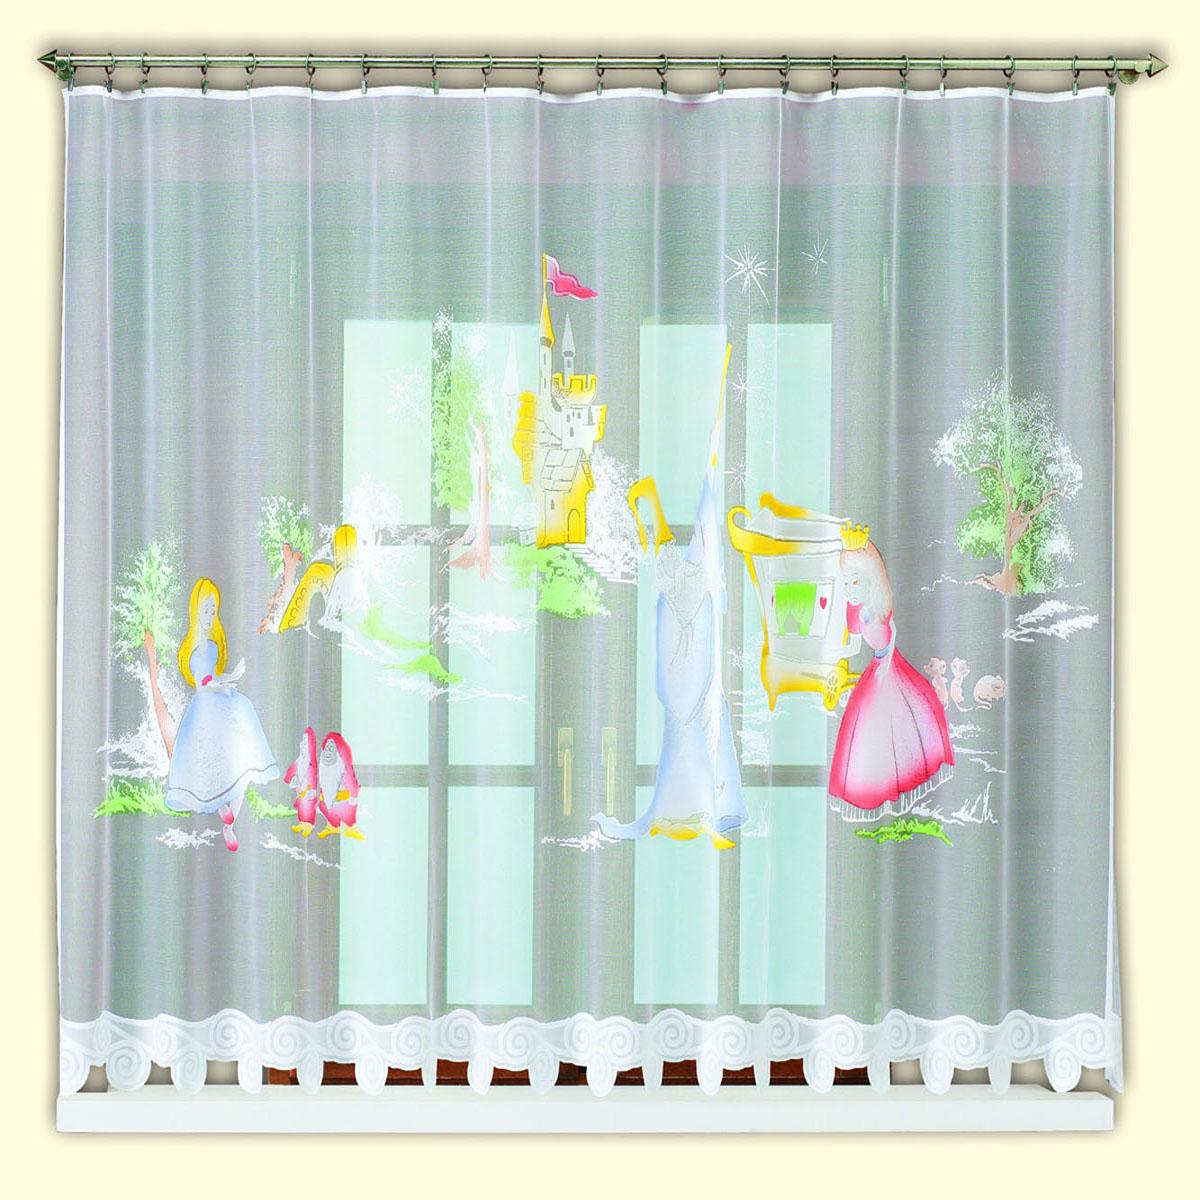 Гардина Haft, цвет: белый, ширина 300 см, высота 150 см. 42830/15042830/150жаккардовая гардина белого цвета в едсткую комнату девочки с цветным рисунком принцессыРазмеры: высота 150см*ширина 300см